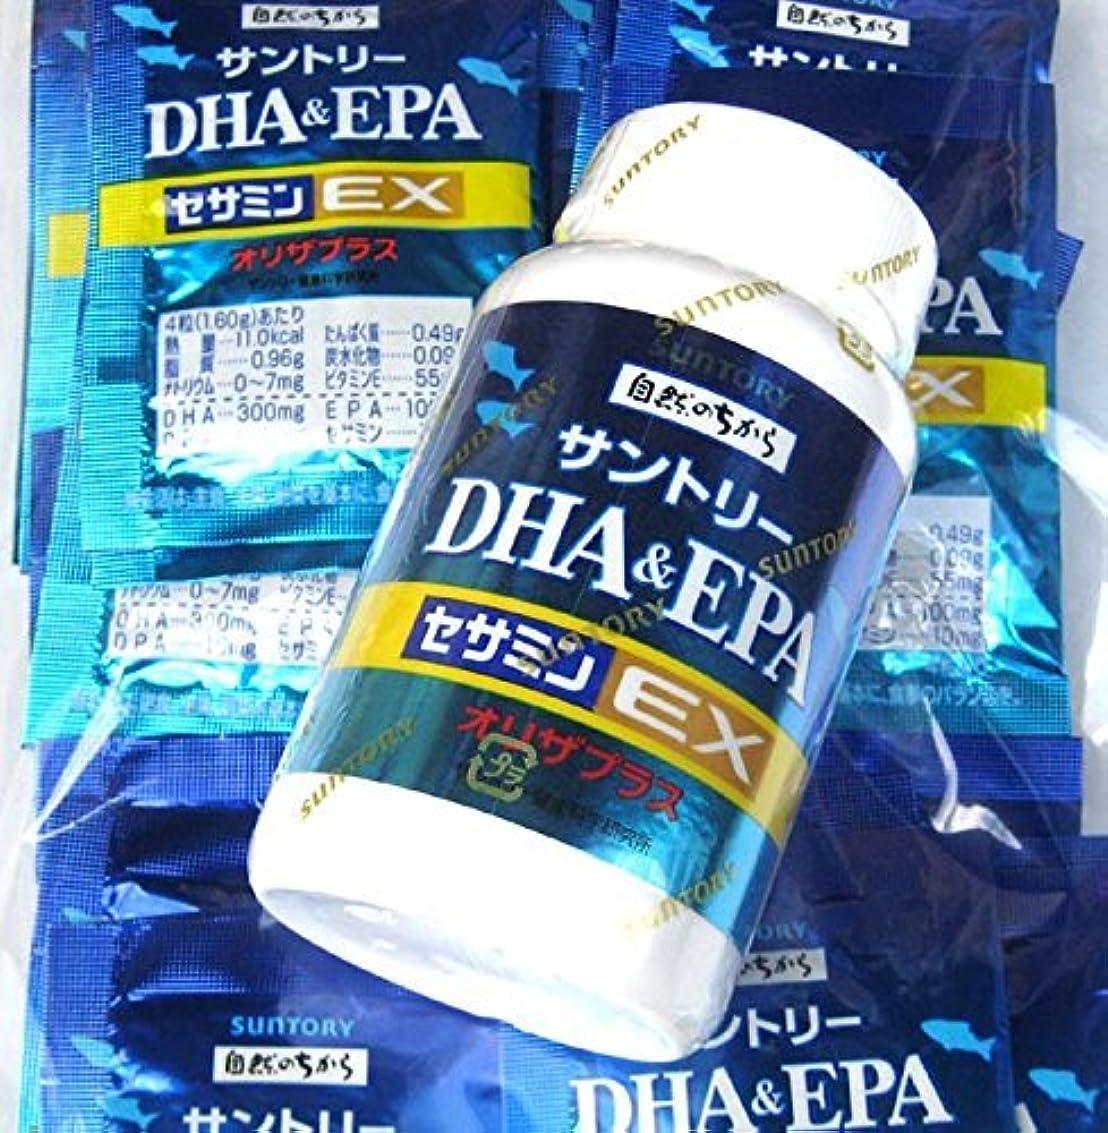 工場重荷評価するサントリー DHA&EPA+セサミンEX 360粒 (240粒+120粒